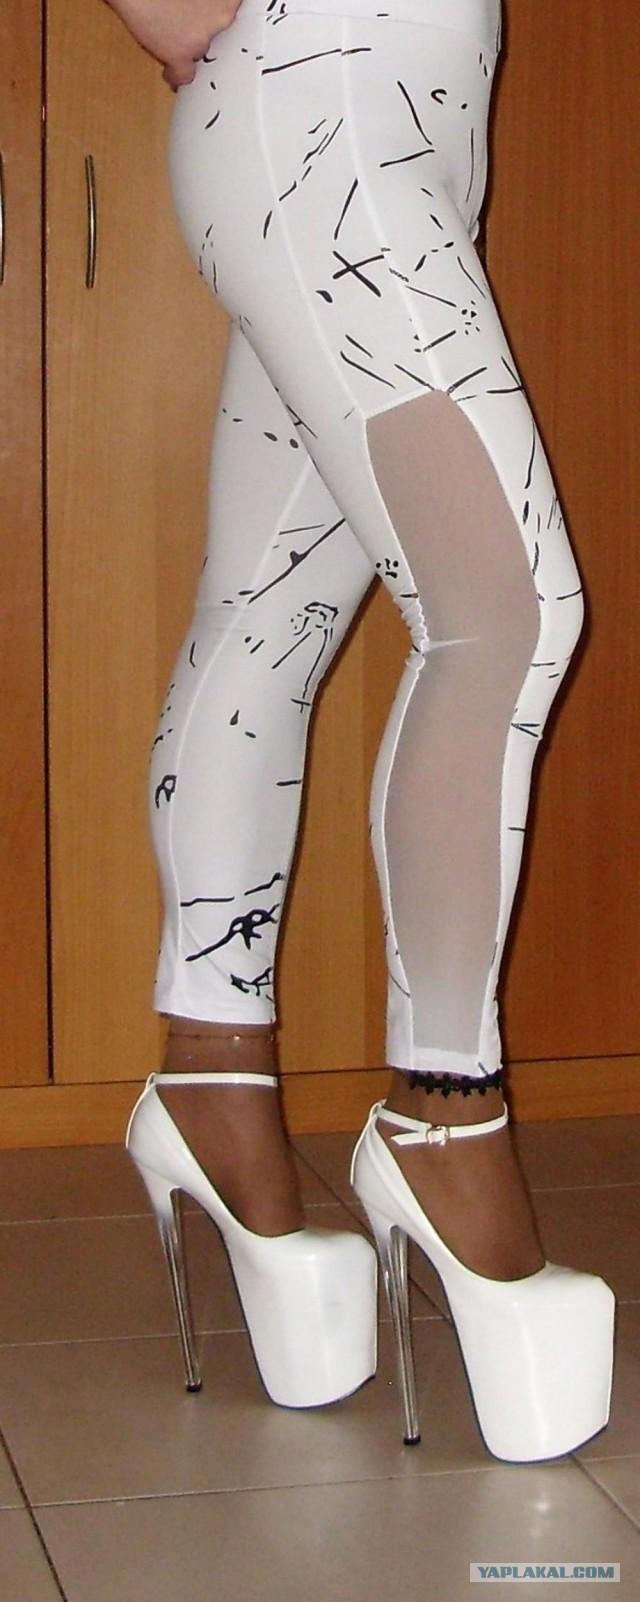 Девчонки с Алиэкспресс и их ножки. Продолжение